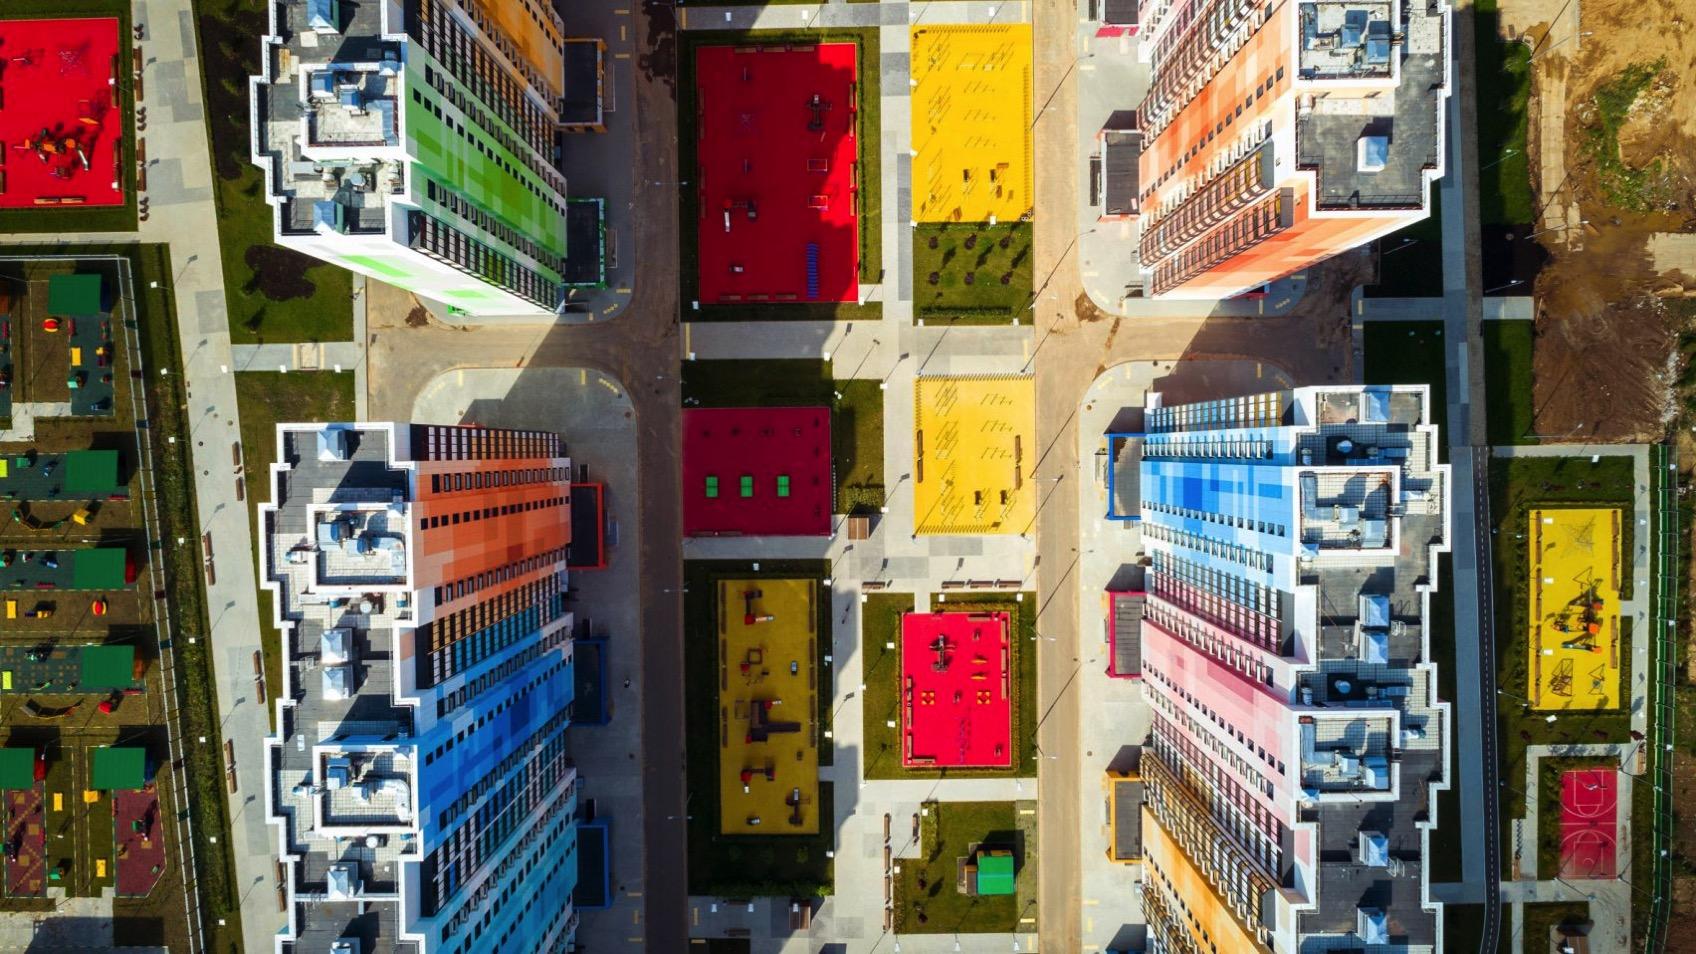 Muscovite neighborhood massimo iosa ghini architecture housing russia moscow dezeen 2364 hero3 1704x958